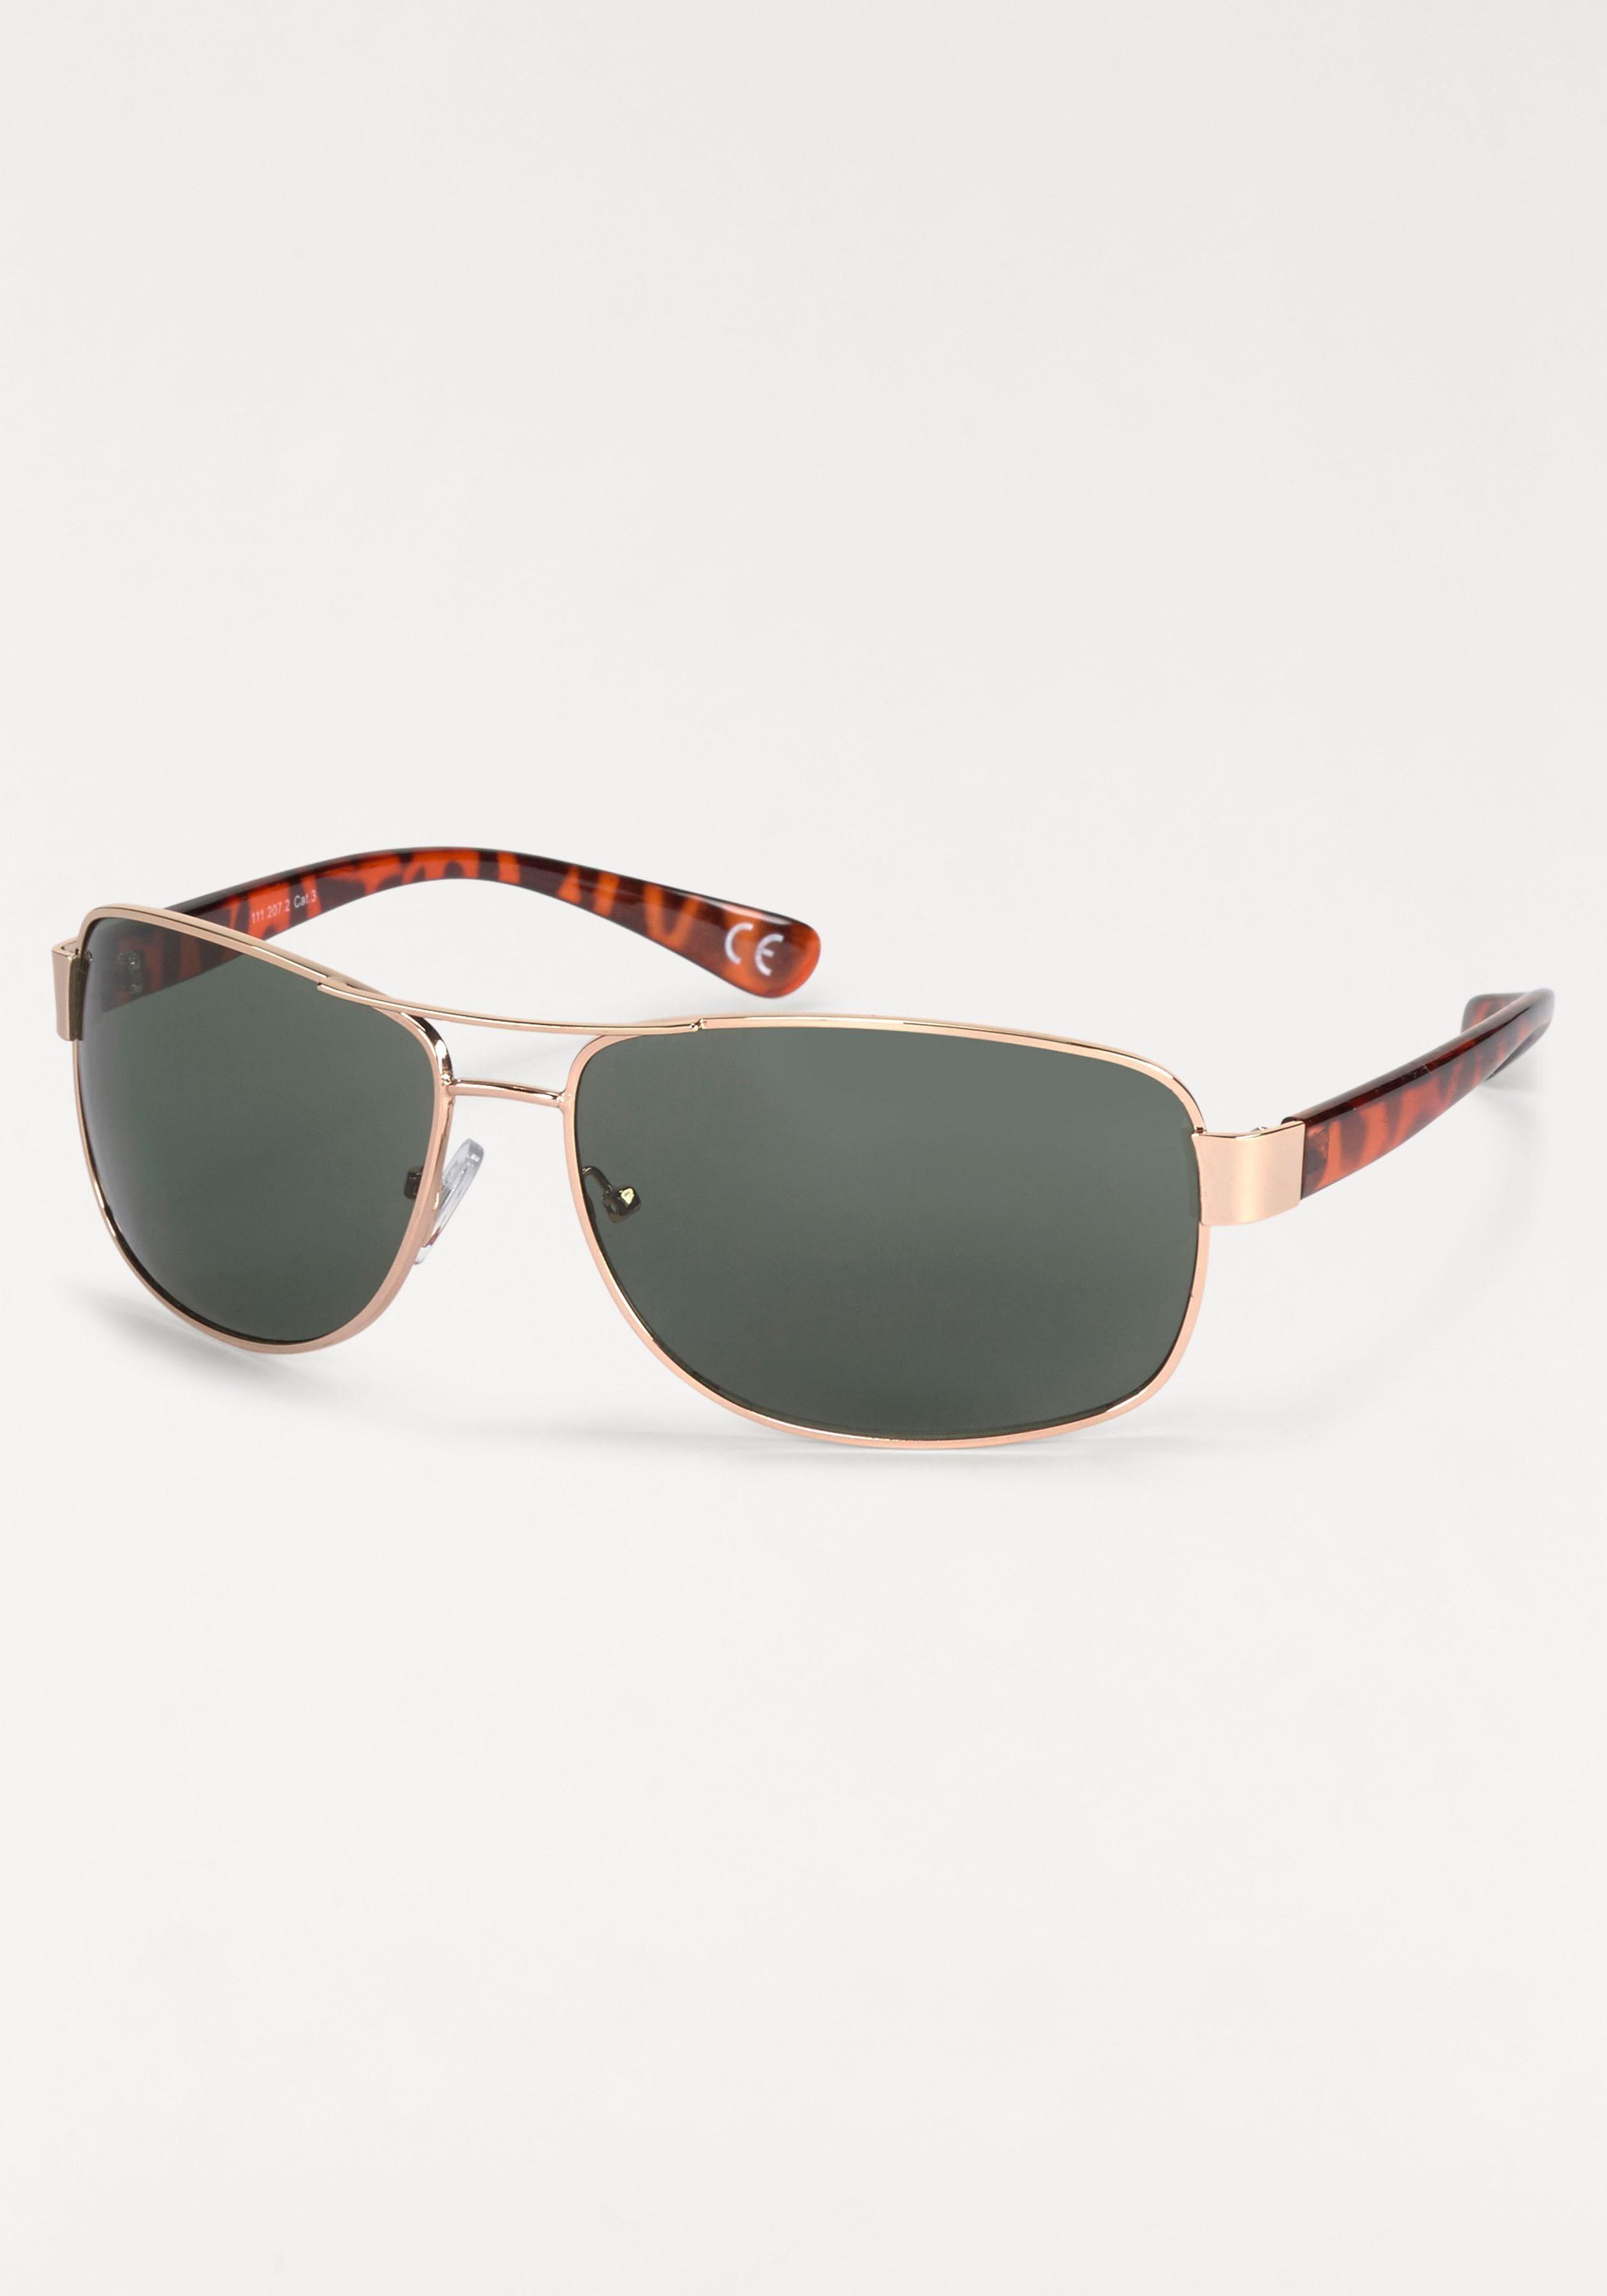 PRIMETTA Eyewear Sonnenbrille im zeitlosen Design